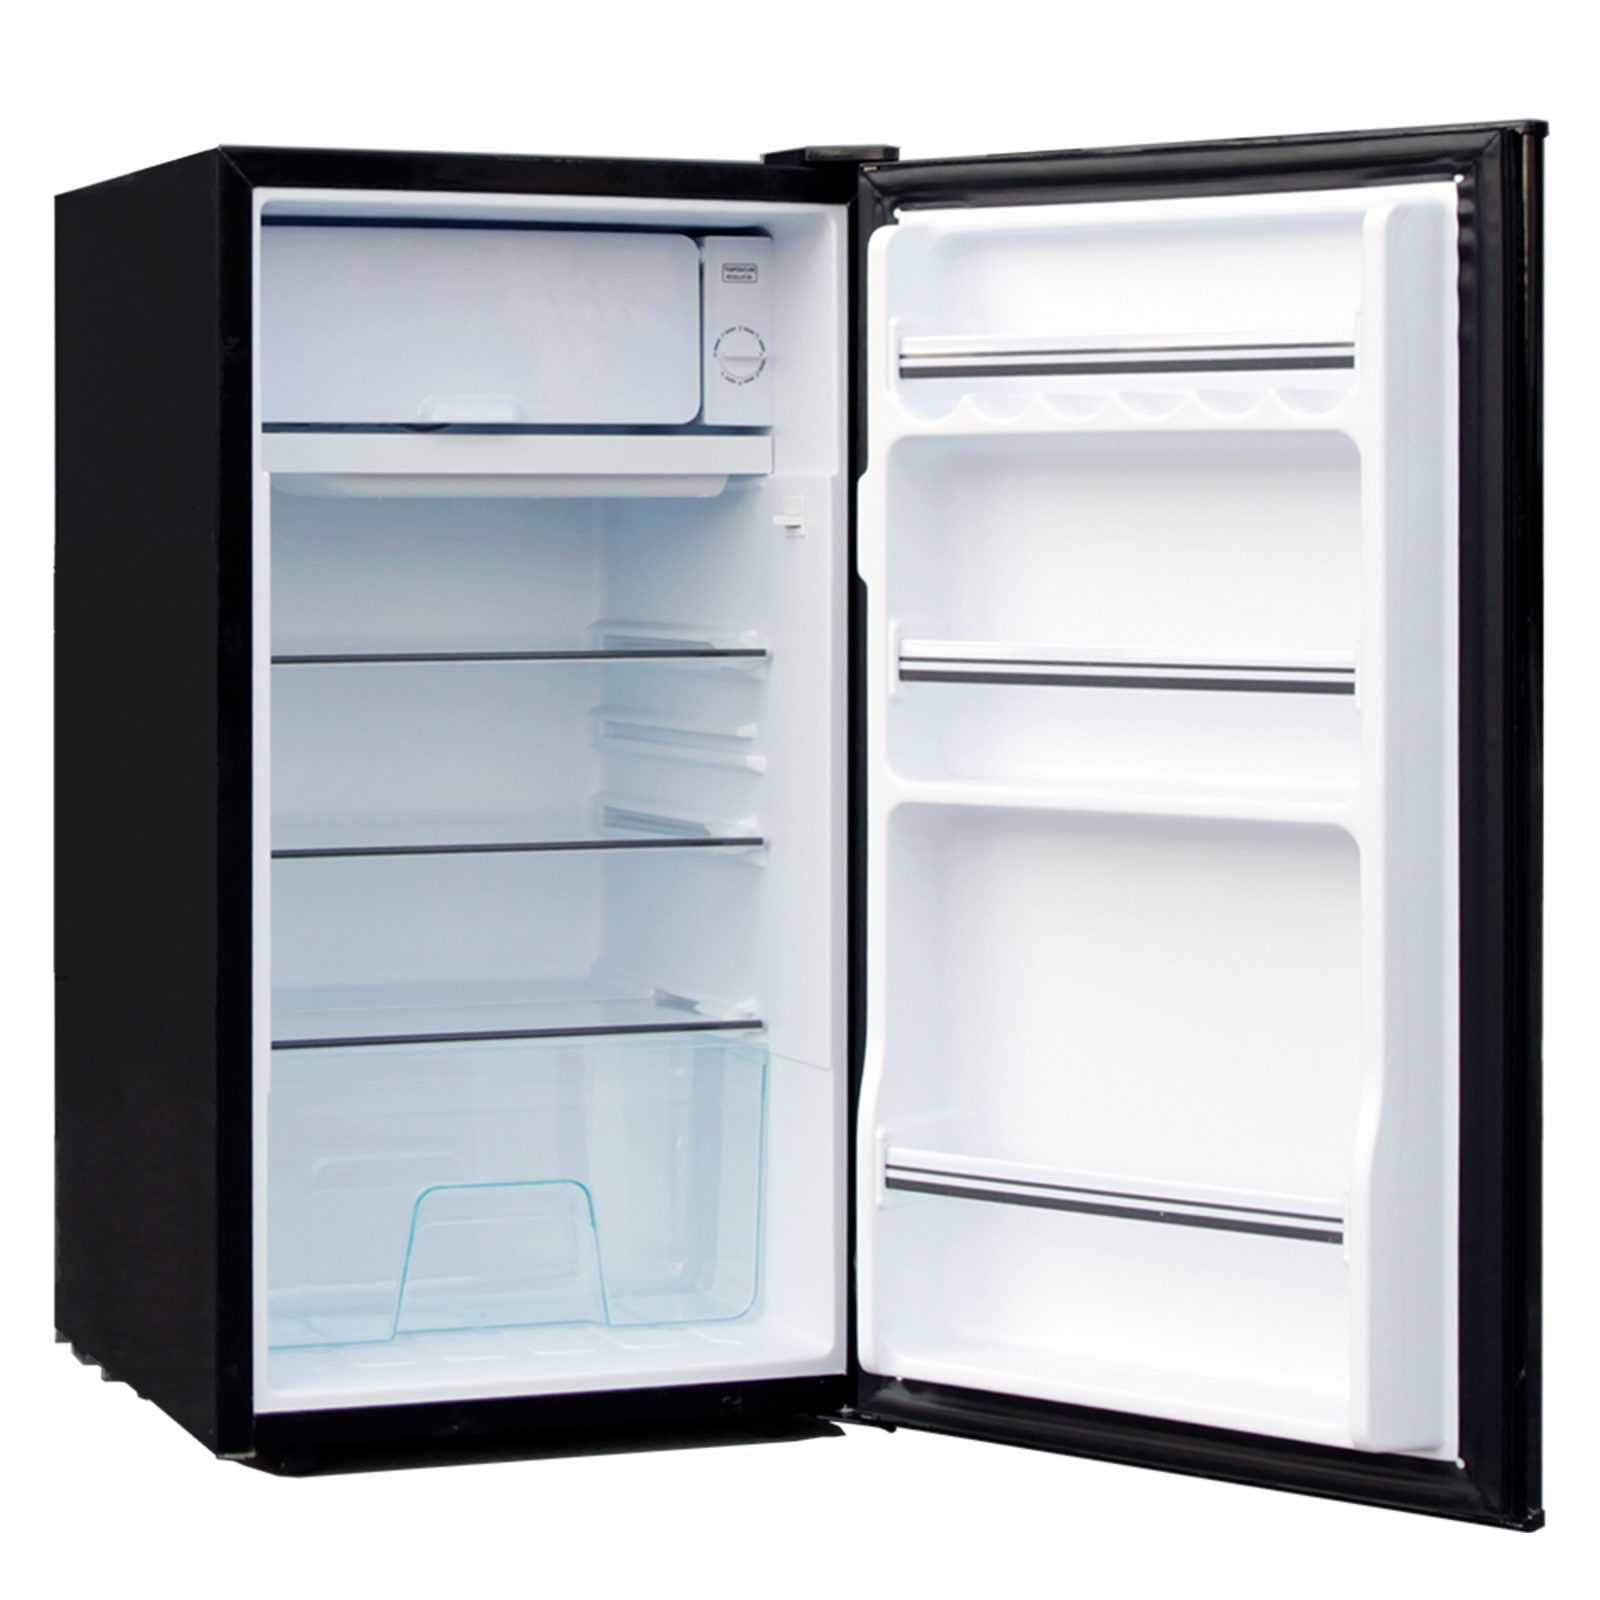 Бытовой холодильник Tesler RC-95 Black